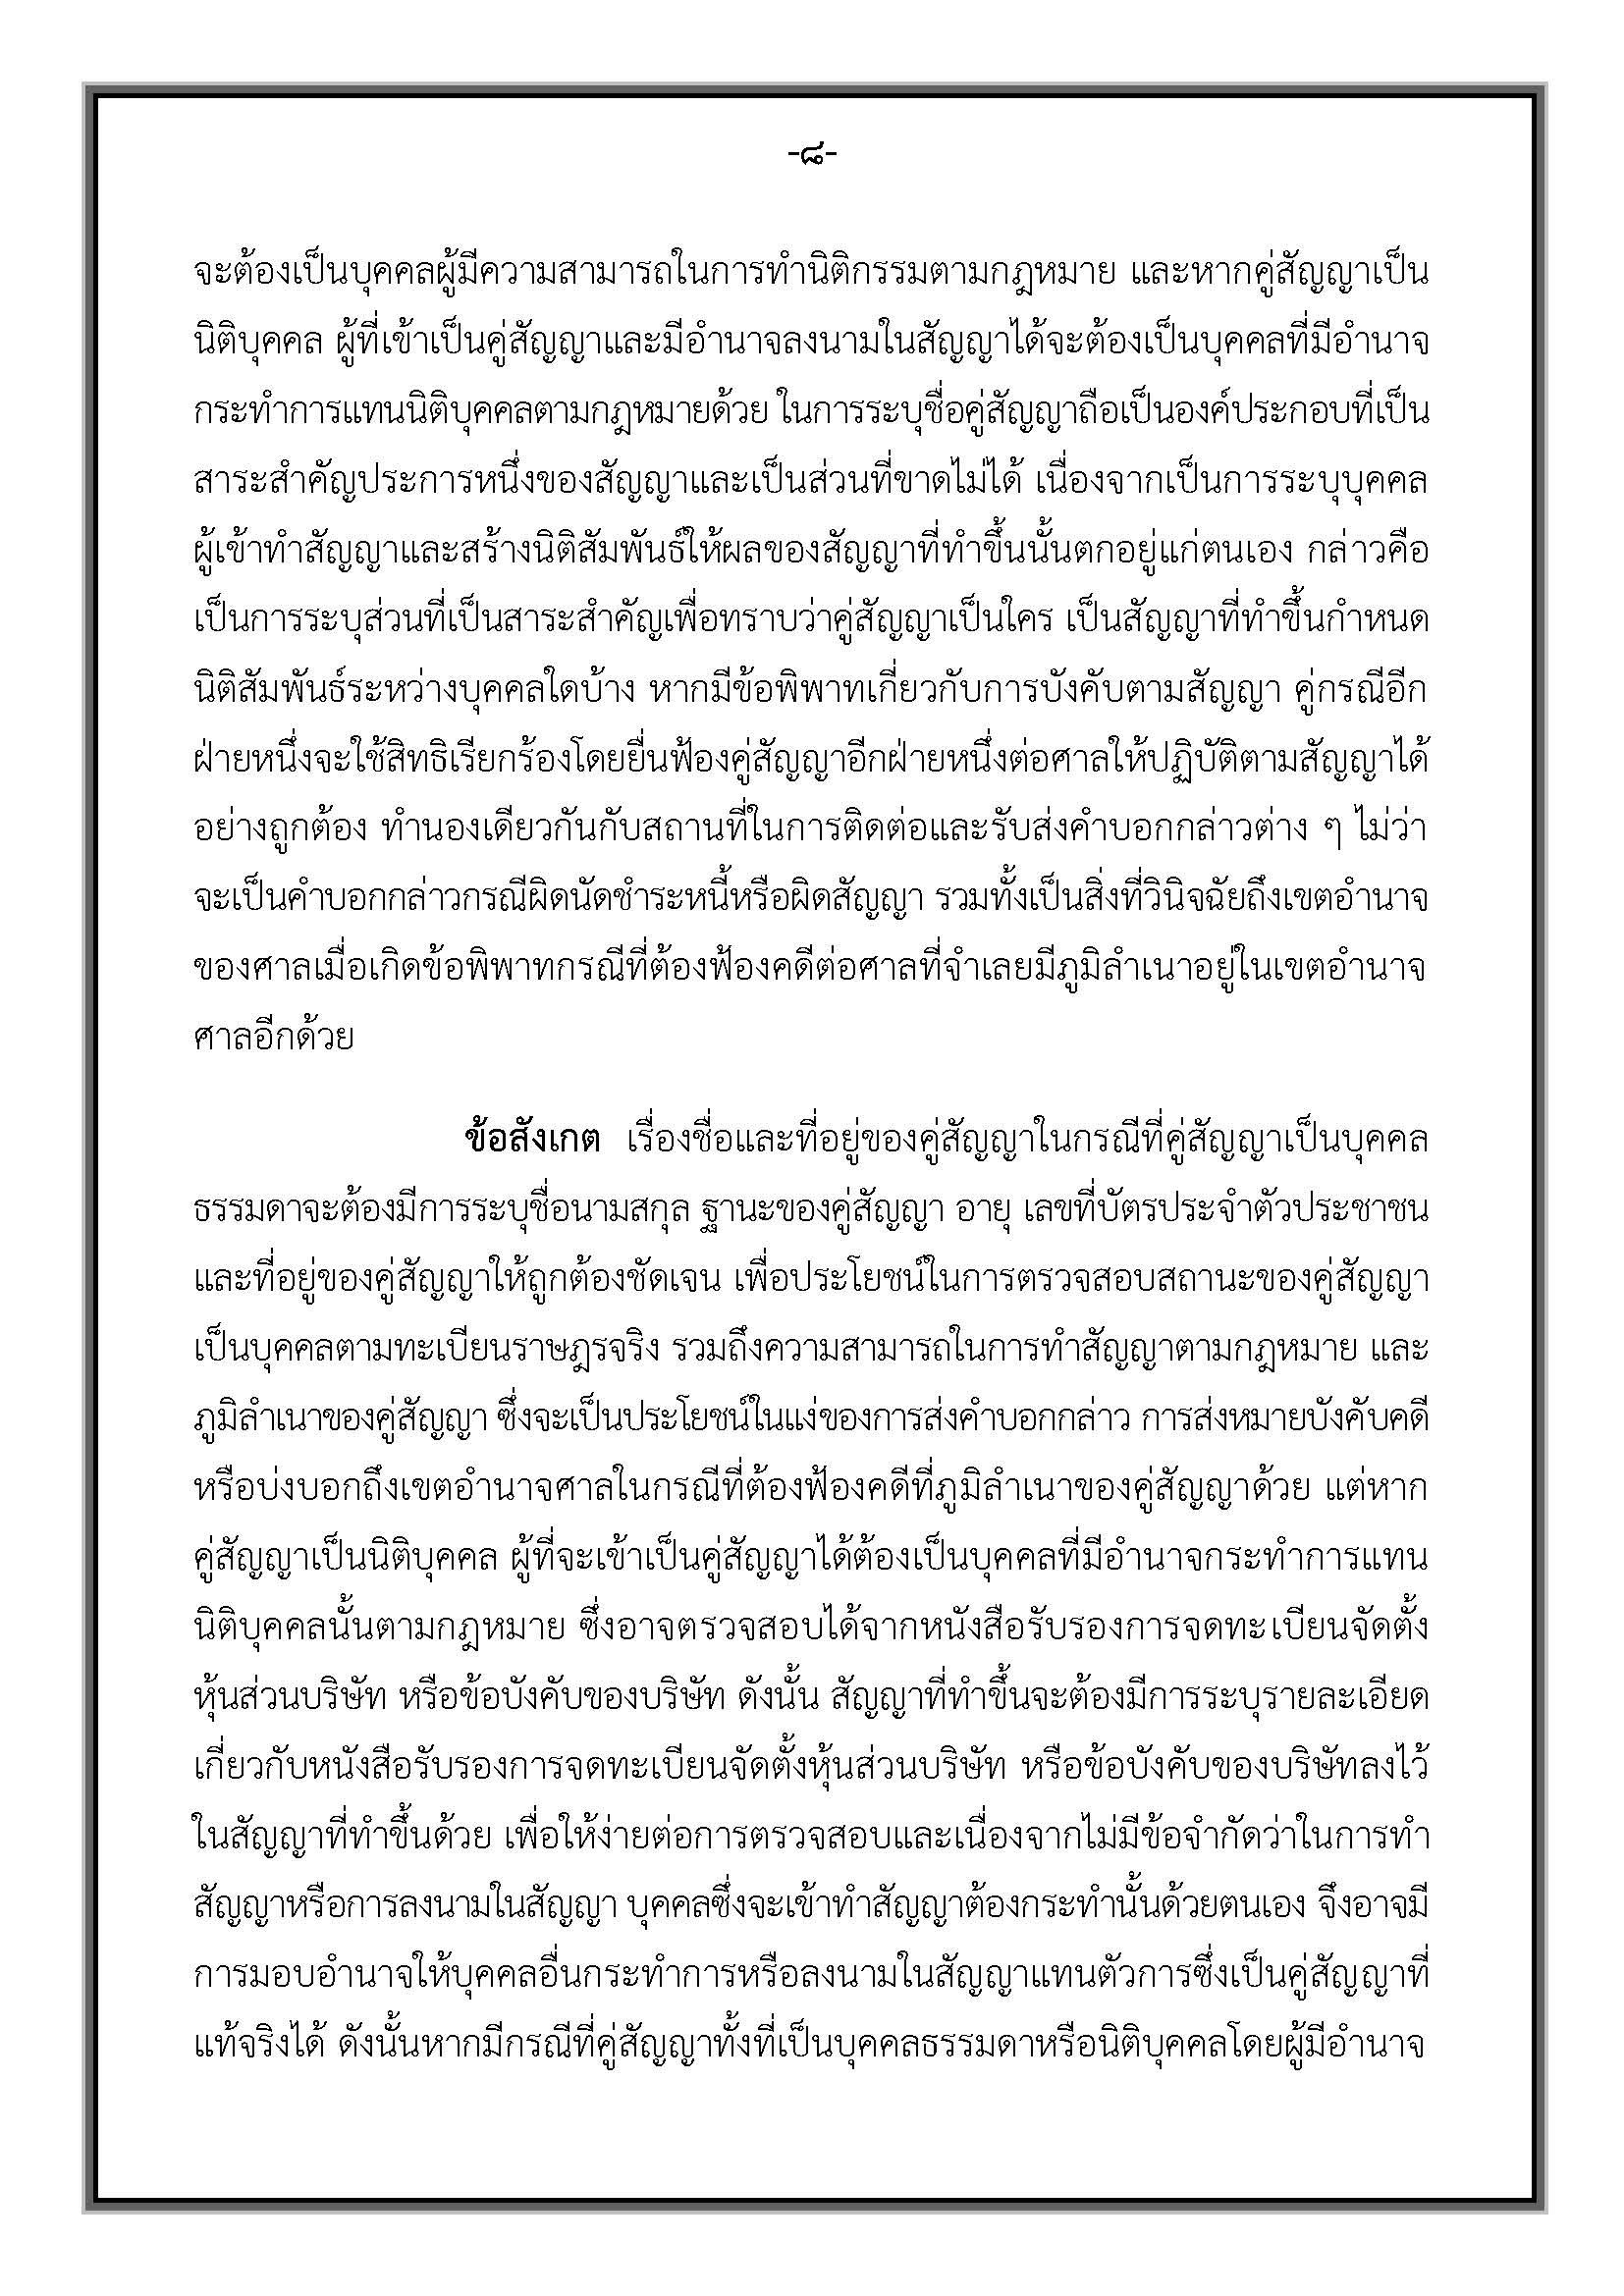 คำแนะนำ-สัญญากู้ยืมเงิน_Page_12